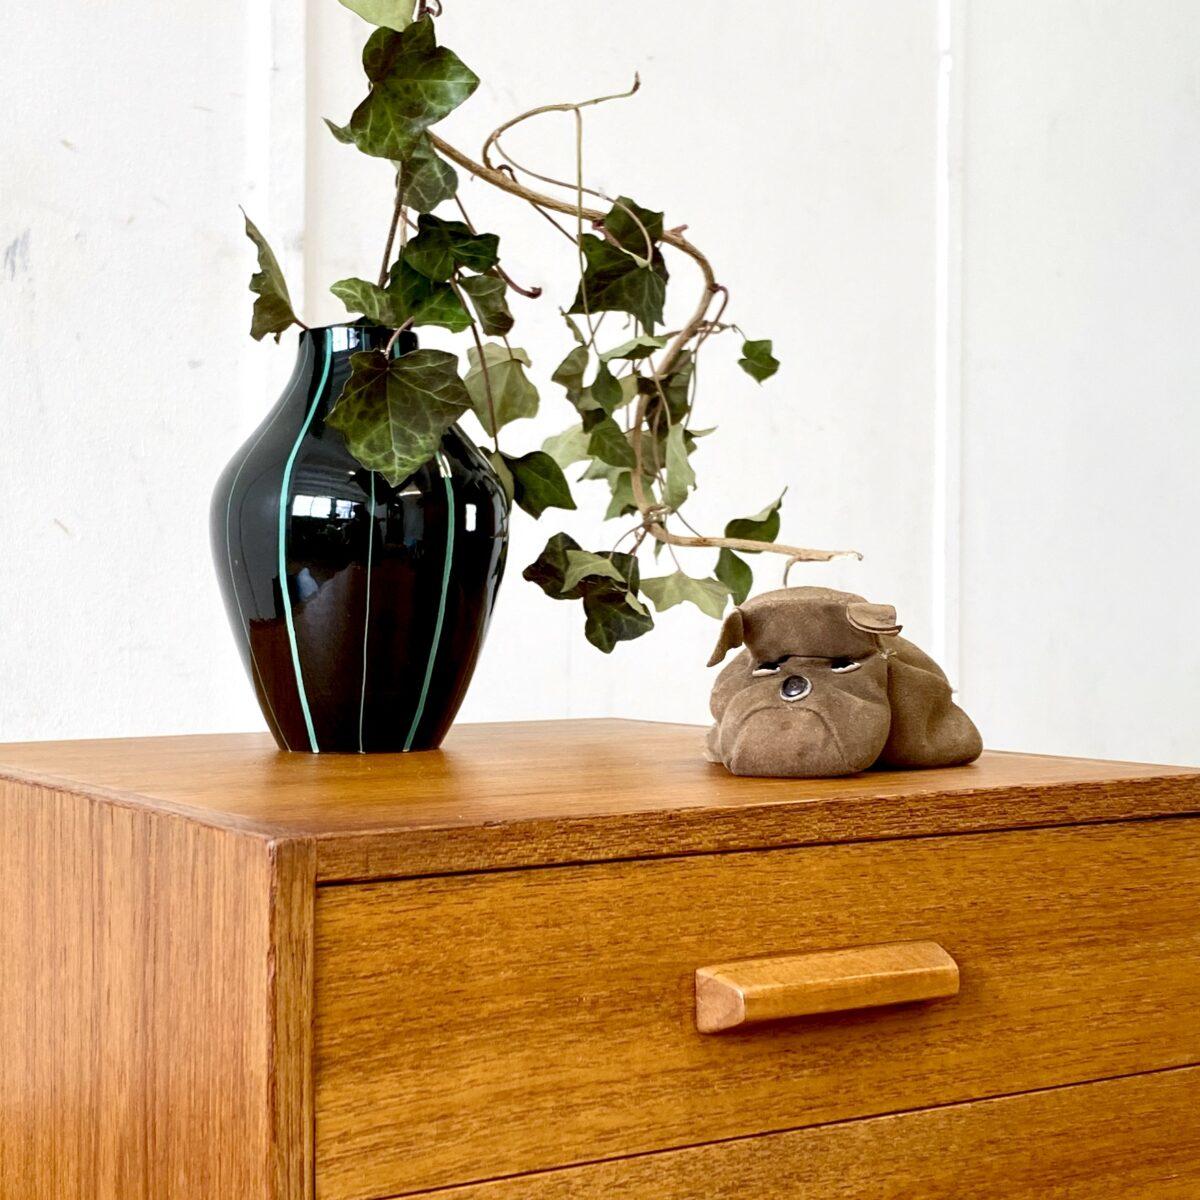 Teak Bench. Schwedischer Midcentury Telefontisch mit Sitzbank. 85x38cm Höhe 50cm Sitzhöhe 44cm. Das Sitzpolster ist mit Leder Bezogen, Tisch und Schubladen Teak furniert. Die Beine sind aus Vollholz.